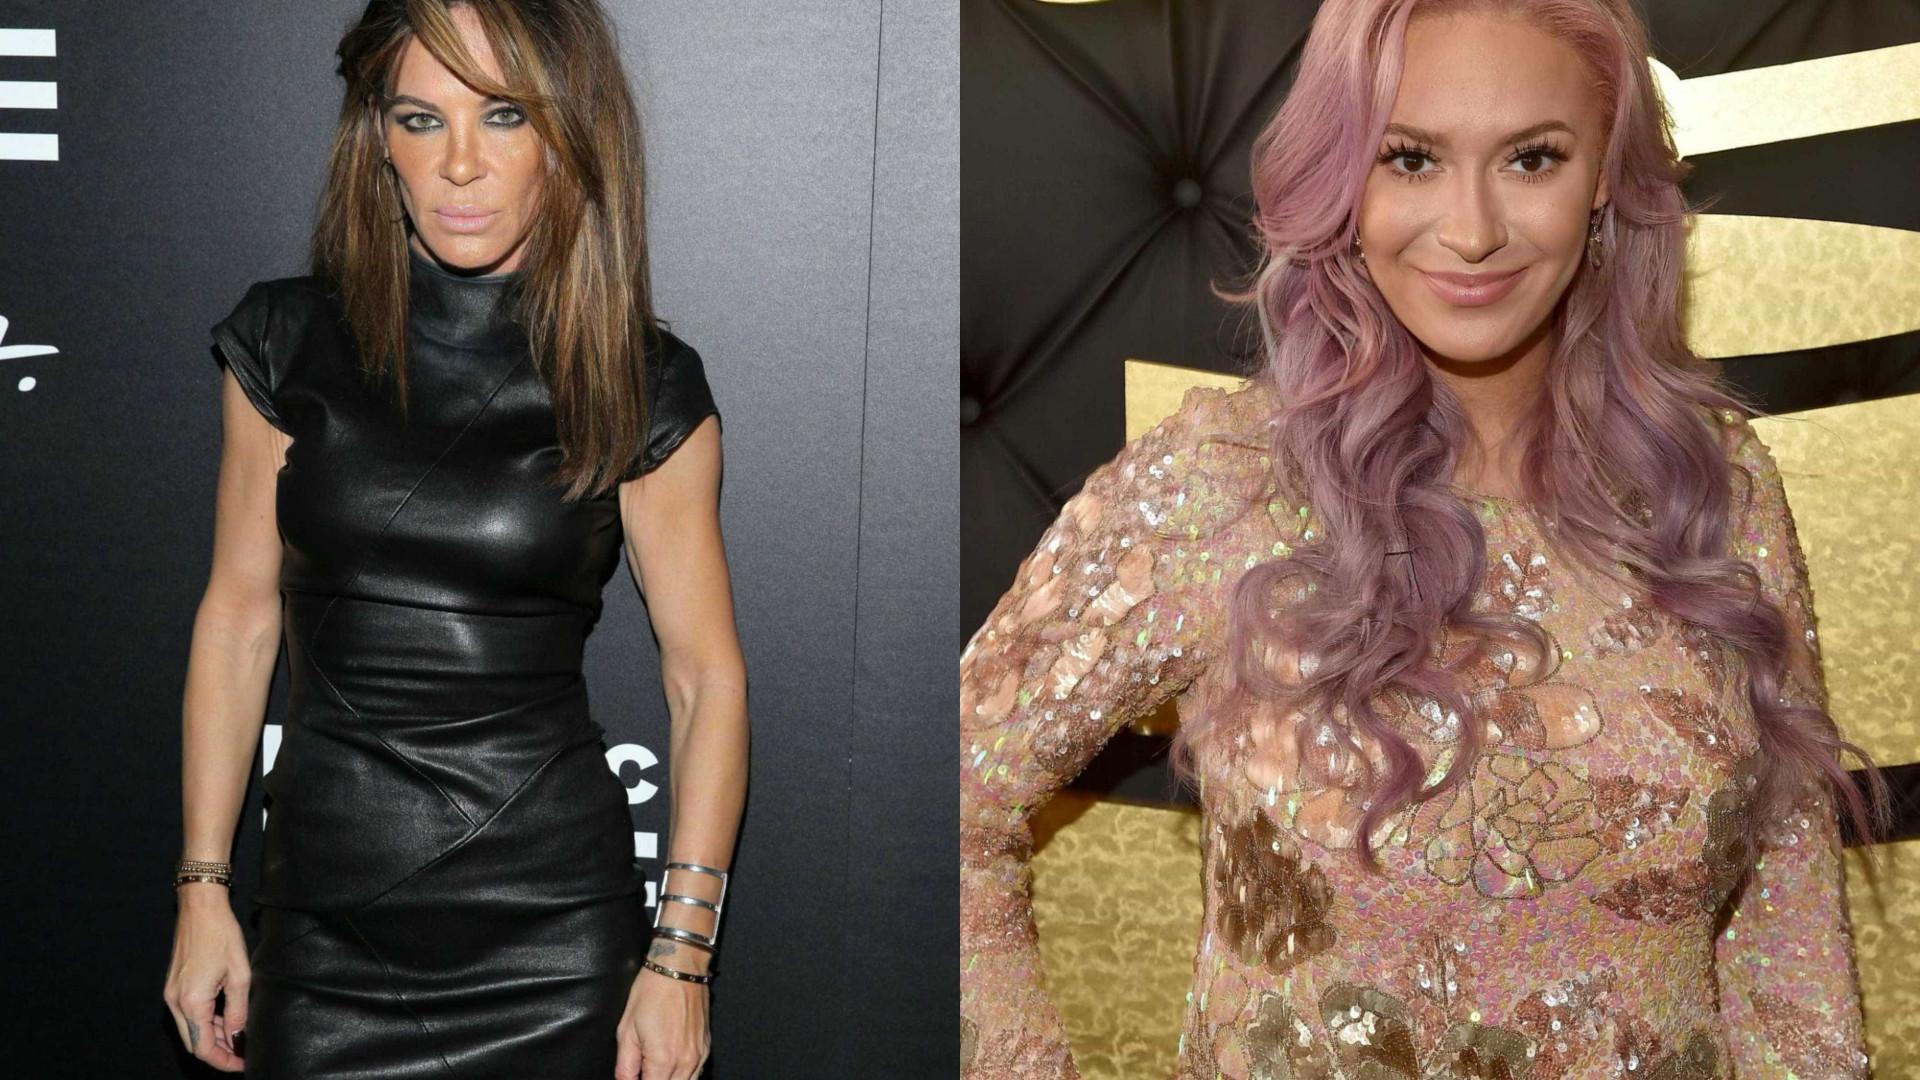 Fundadora das Pussycat Dolls reagiu às acusações de Kaya Jones